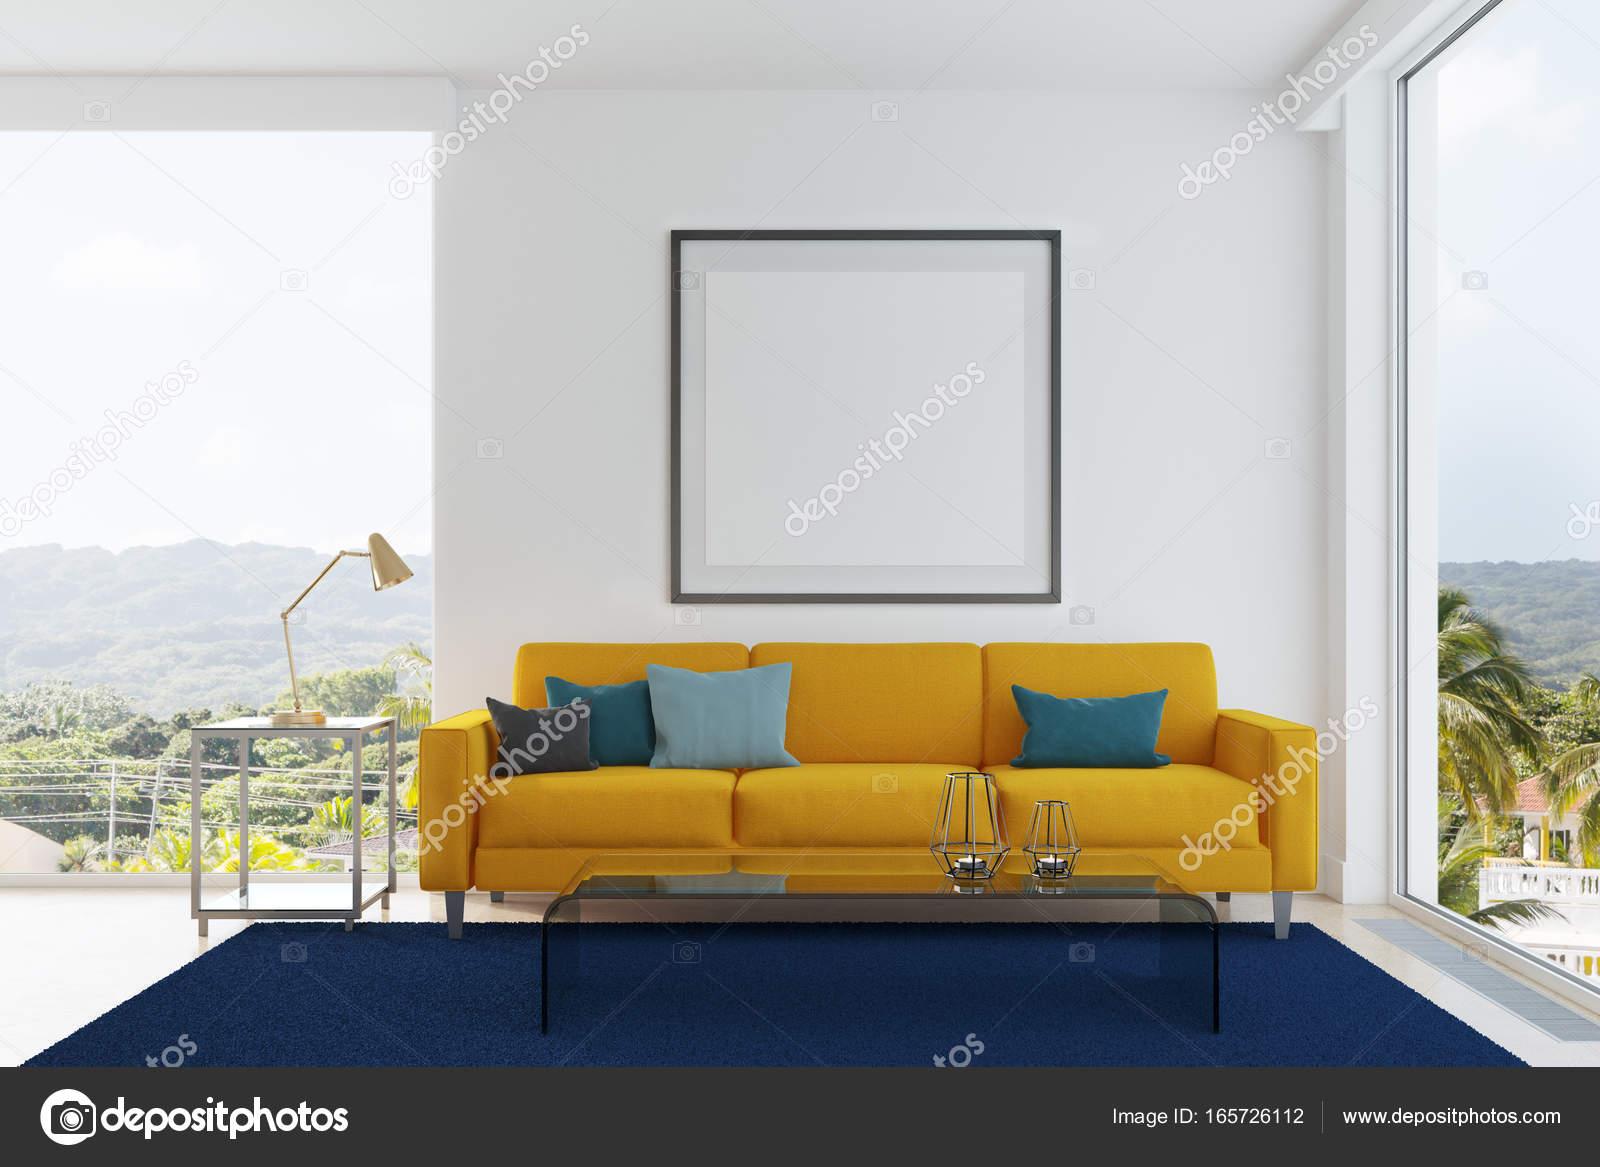 Kissen Wohnzimmer Sofa Blau Und Grün Gelb Stockfoto